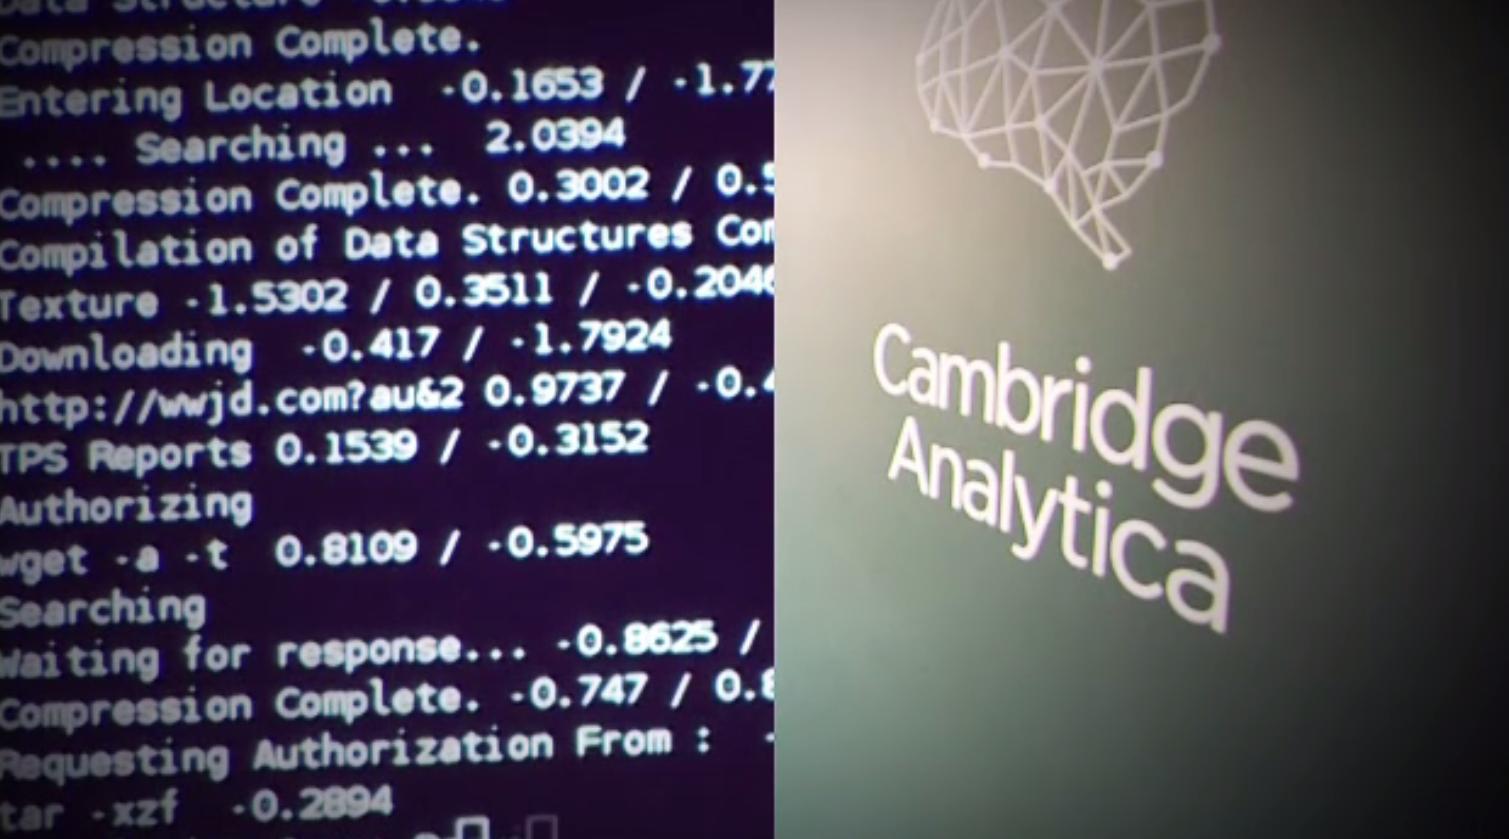 Scandalul Cambridge Analytica și căderea Bitcoinului, cele mai mari controverse din domeniul IT în 2018